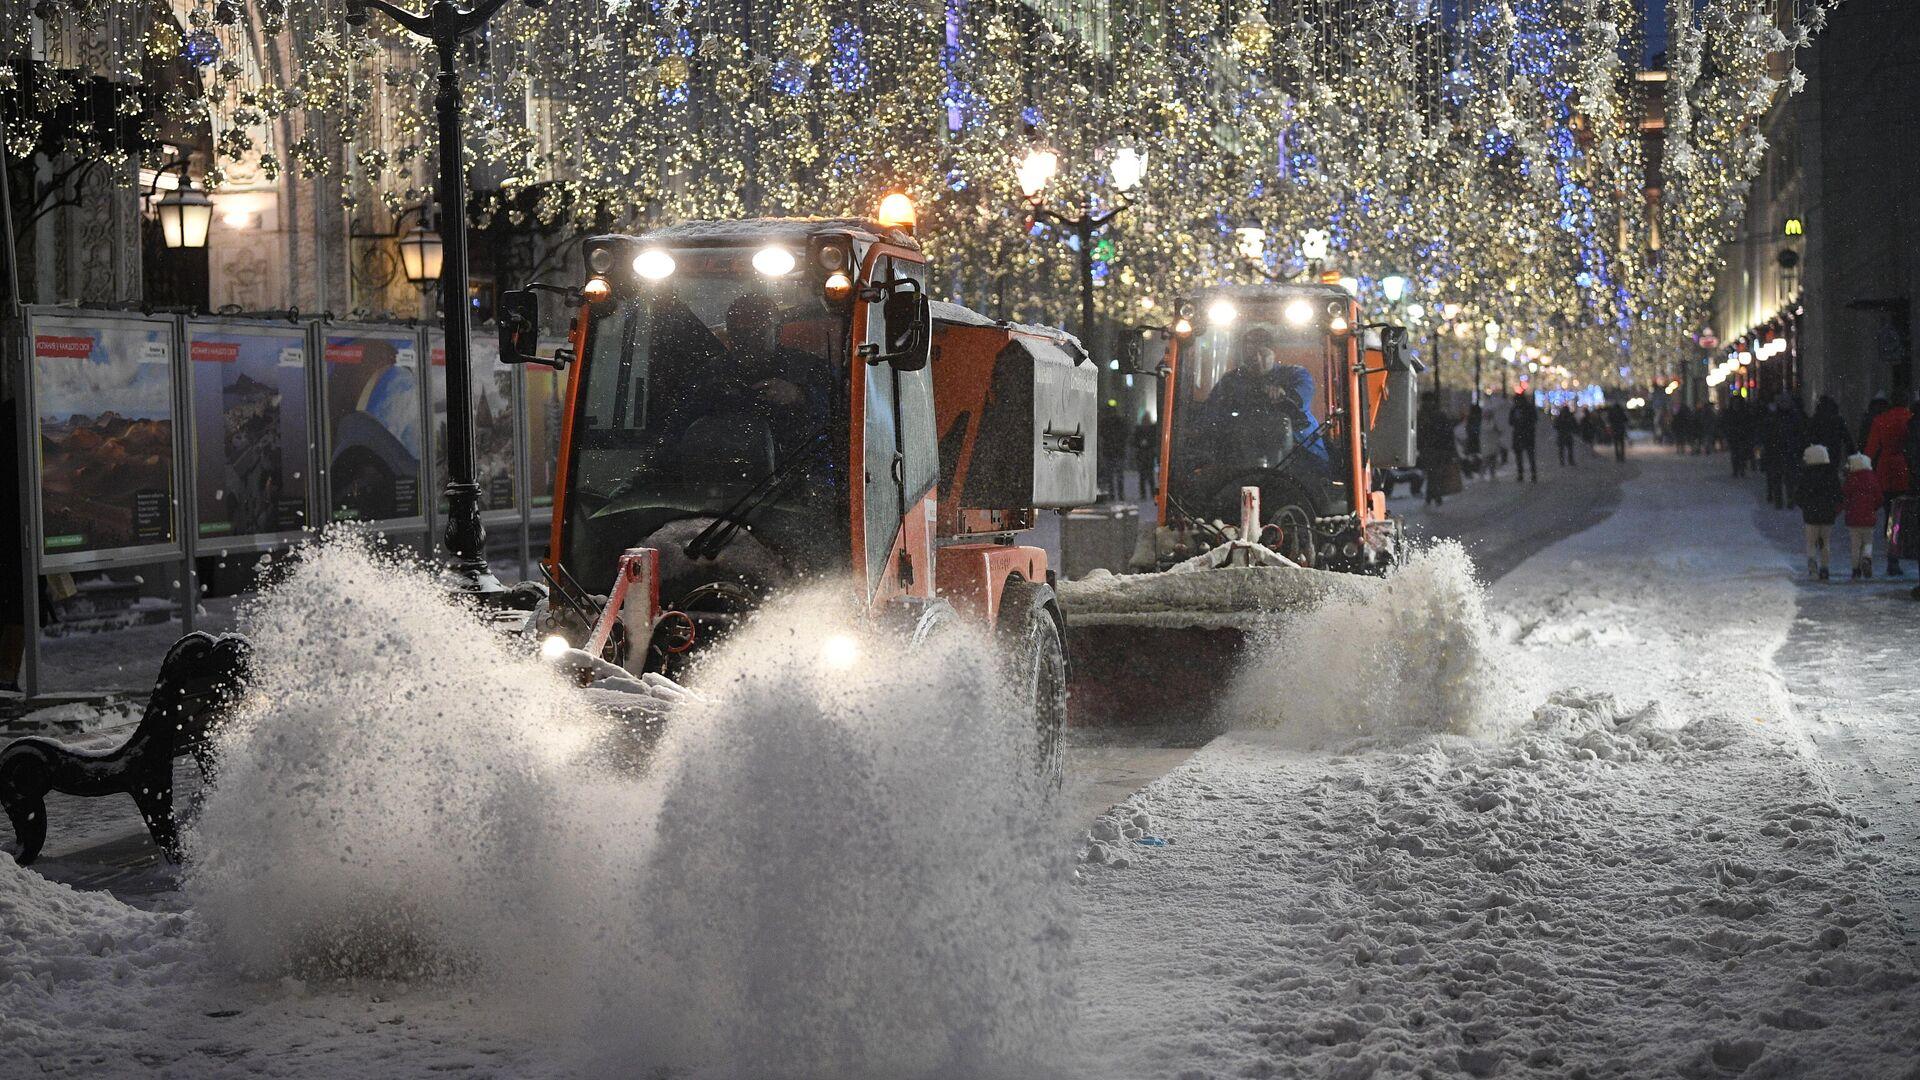 Снегоуборочная техника на Никольской улице в Москве - РИА Новости, 1920, 28.12.2020